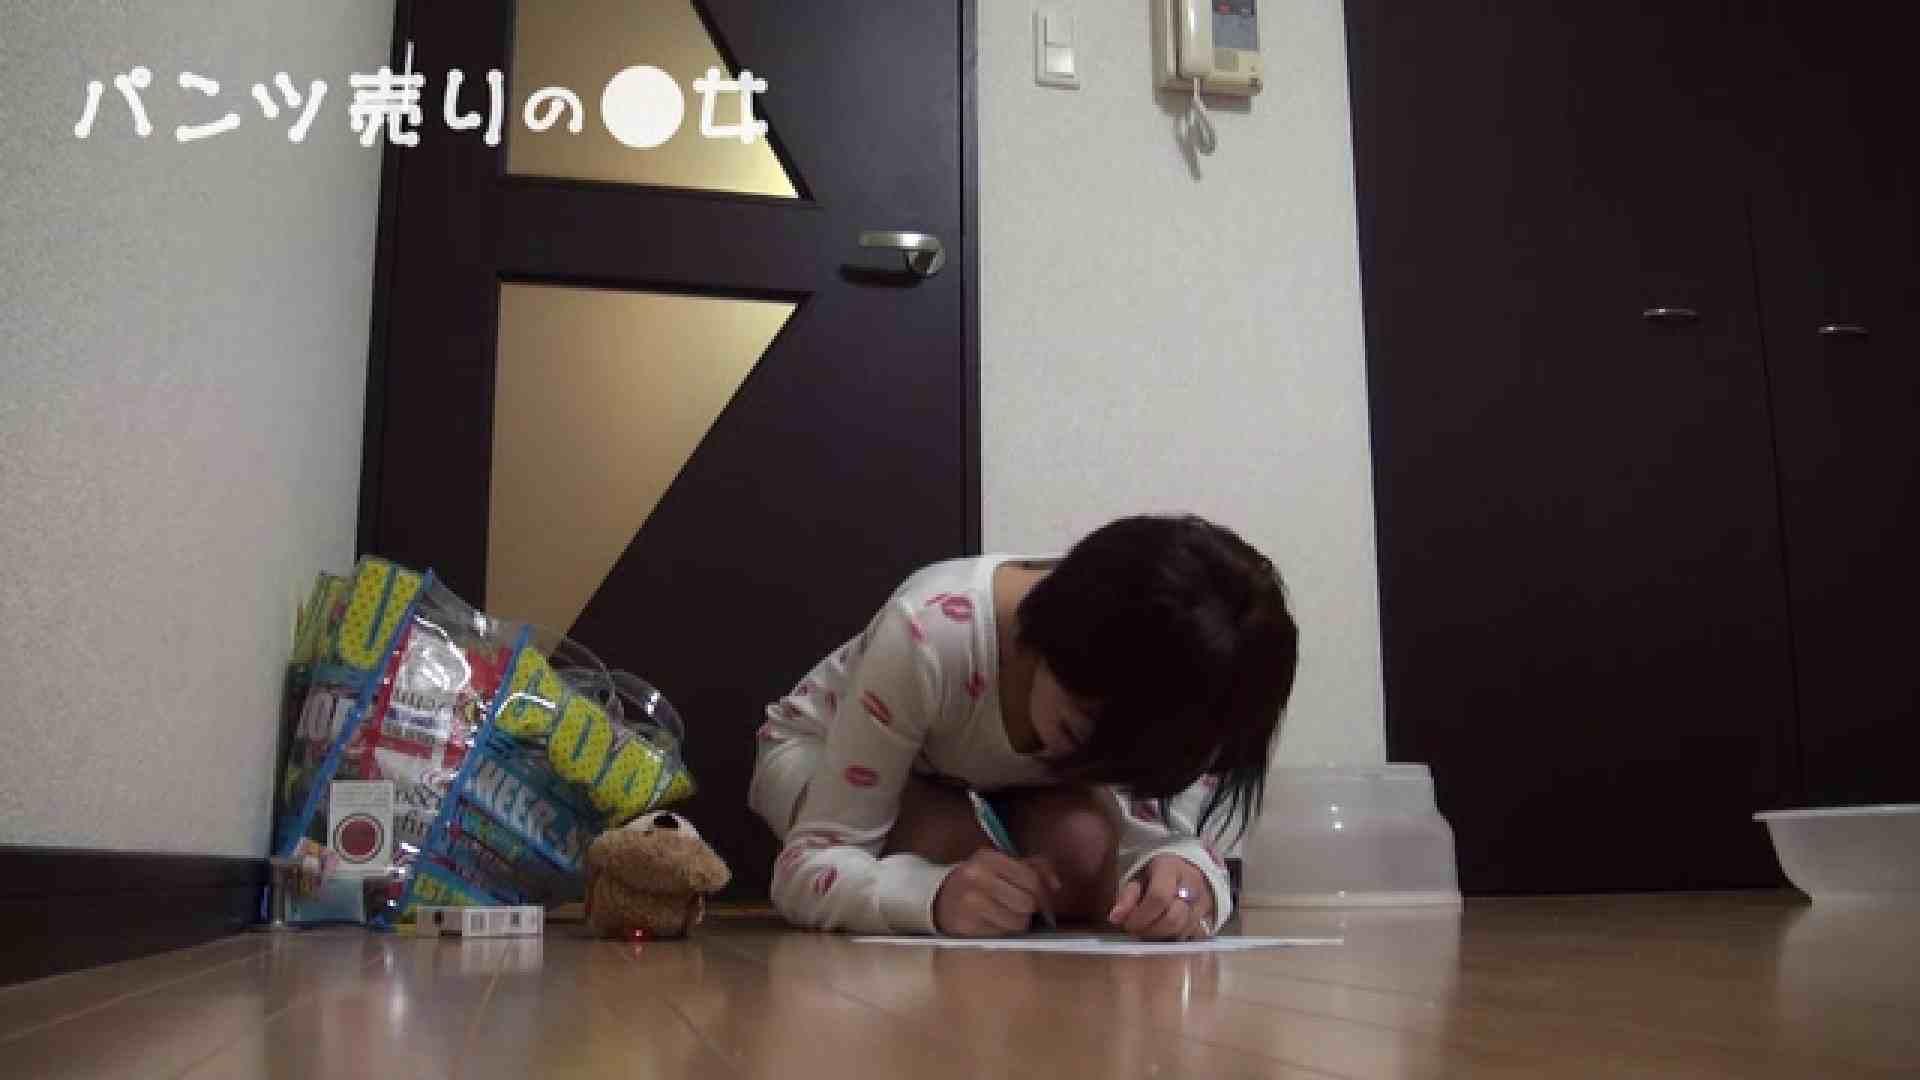 新説 パンツ売りの女の子nana 一般投稿  41連発 7